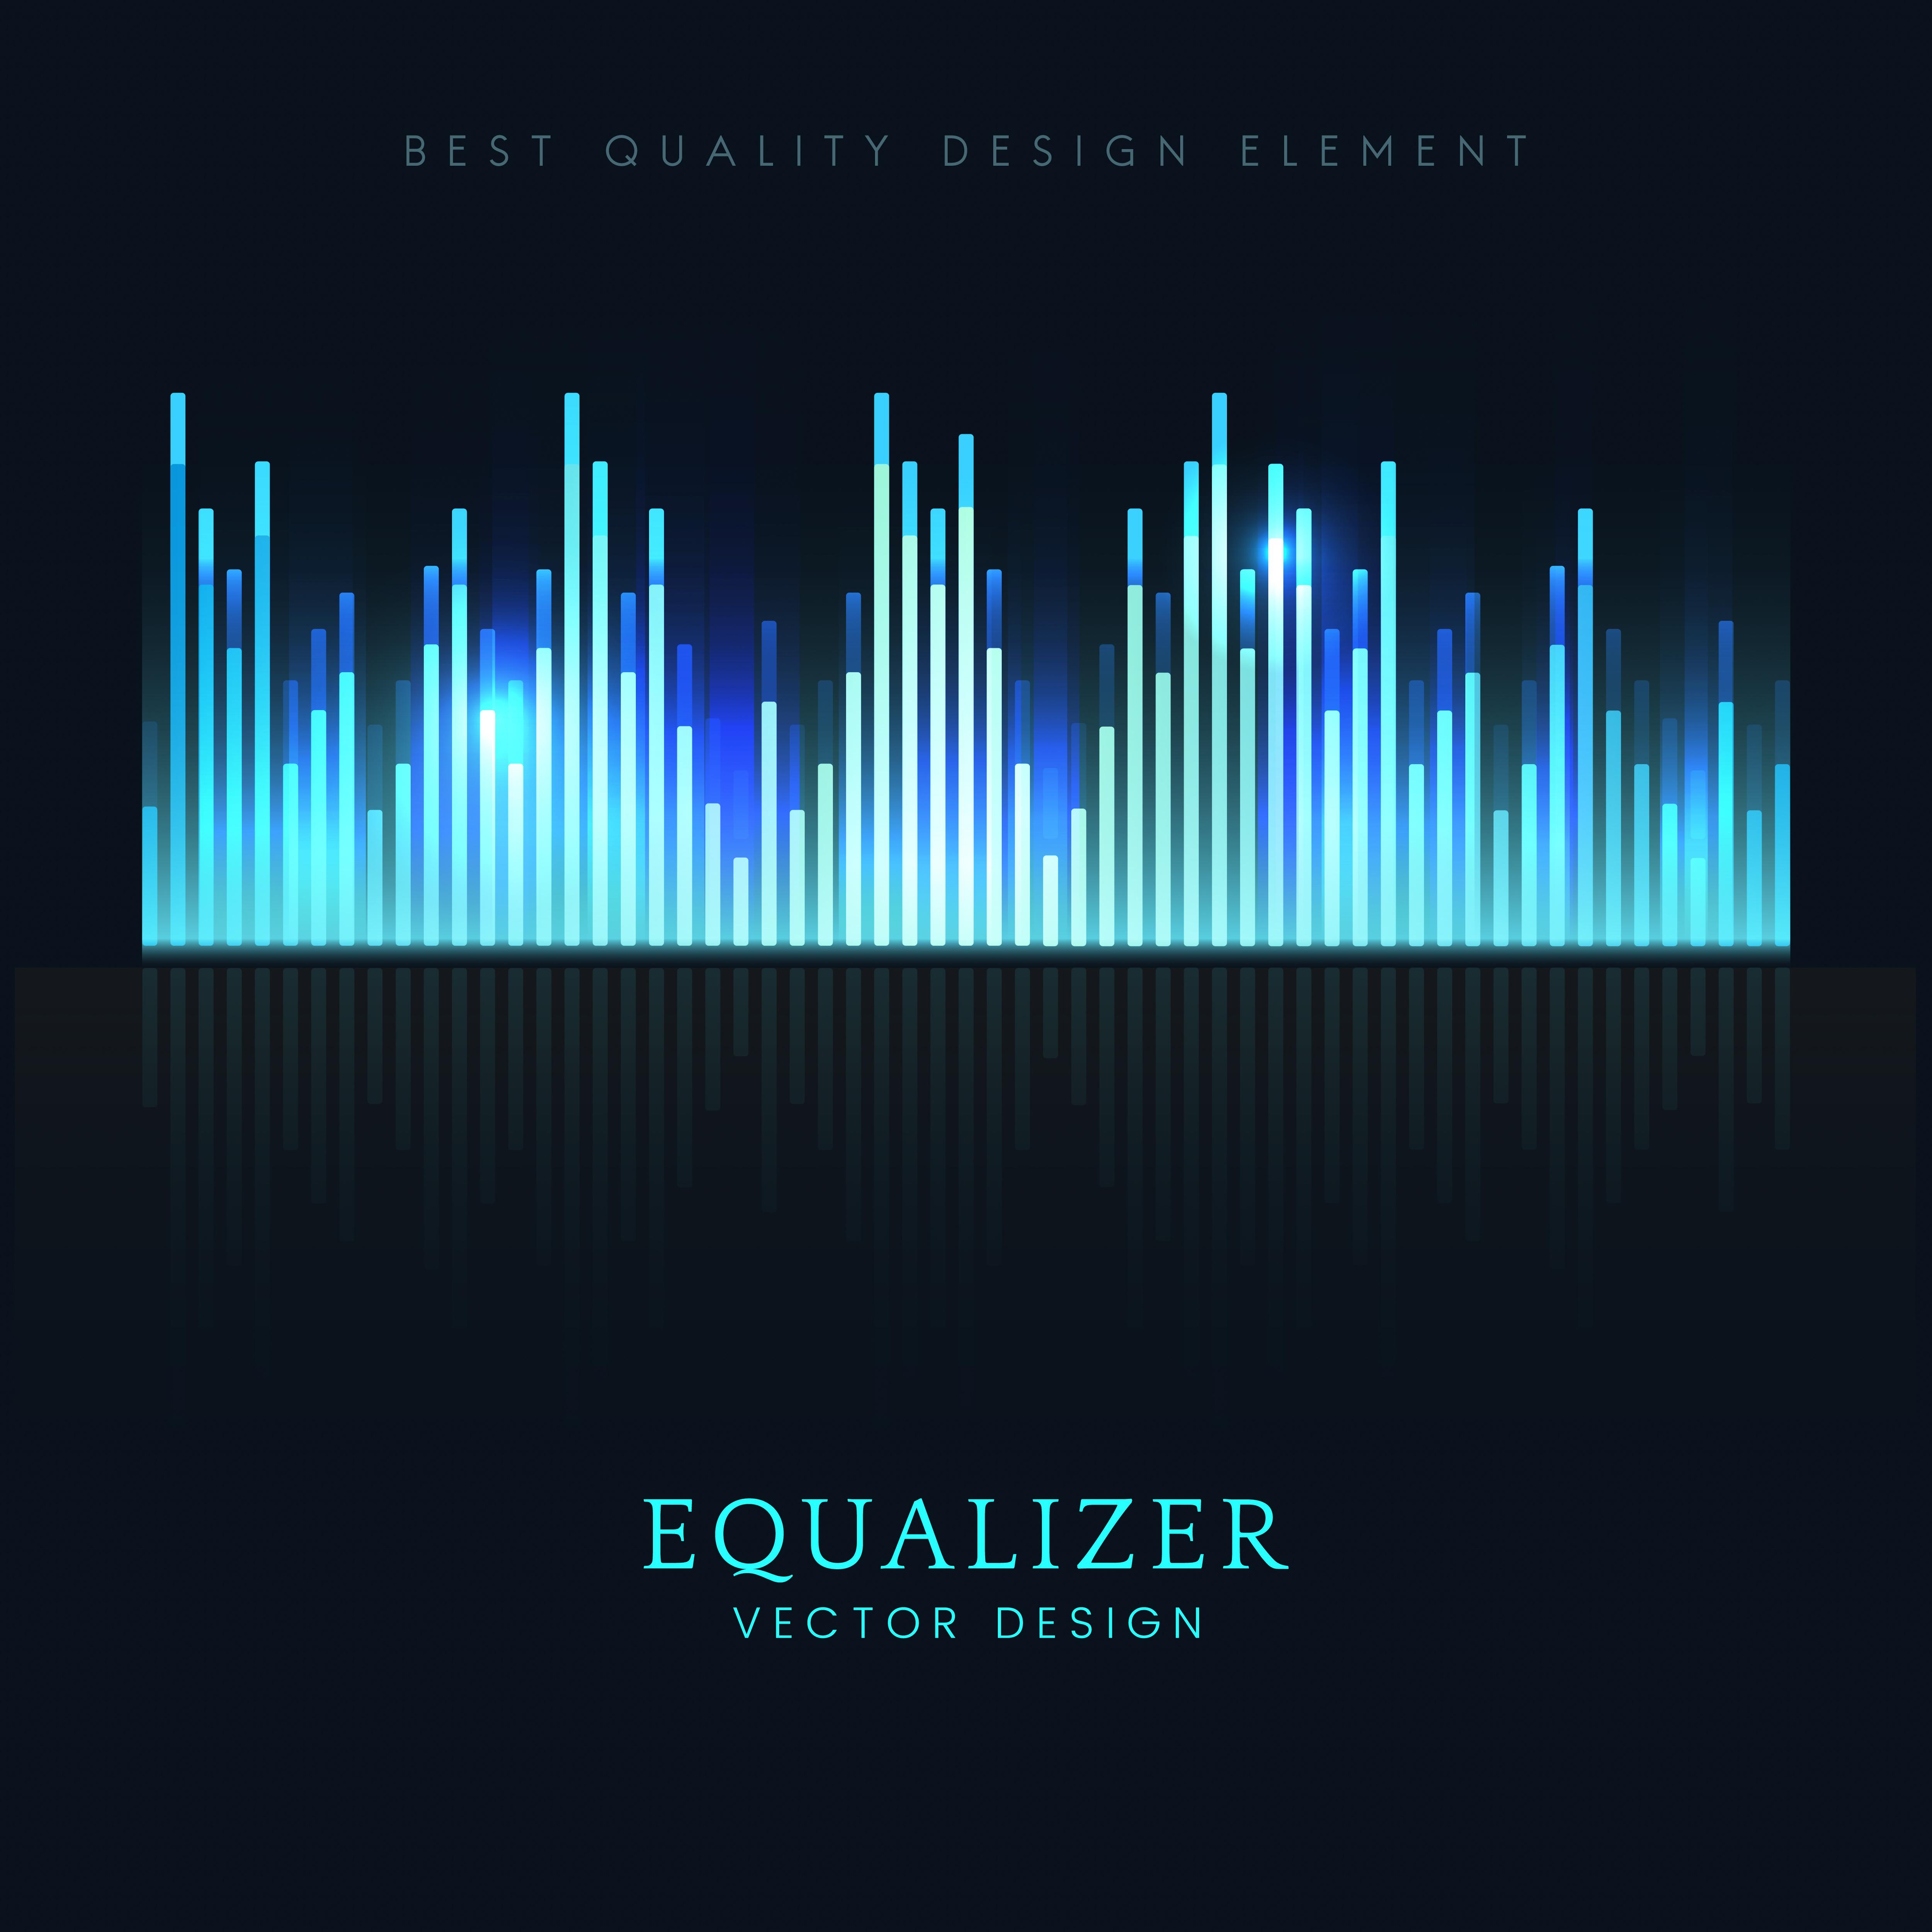 Sound wave equalizer vector design - Download Free Vectors